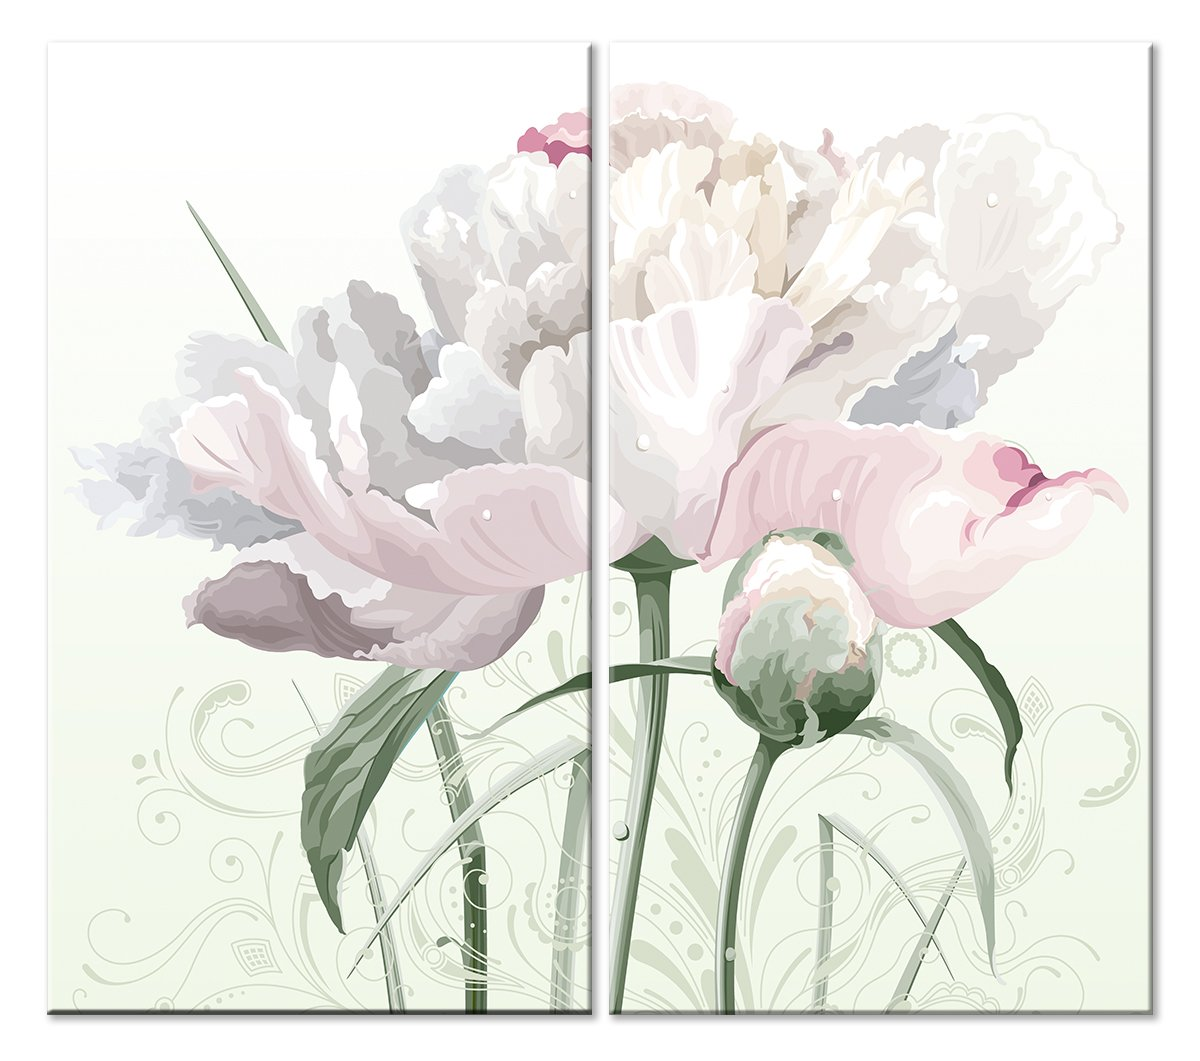 Модульная картина «Невидимая геометрия цветка»Цветы<br>Модульная картина на натуральном холсте и деревянном подрамнике. Подвес в комплекте. Трехслойная надежная упаковка. Доставим в любую точку России. Вам осталось только повесить картину на стену!<br>